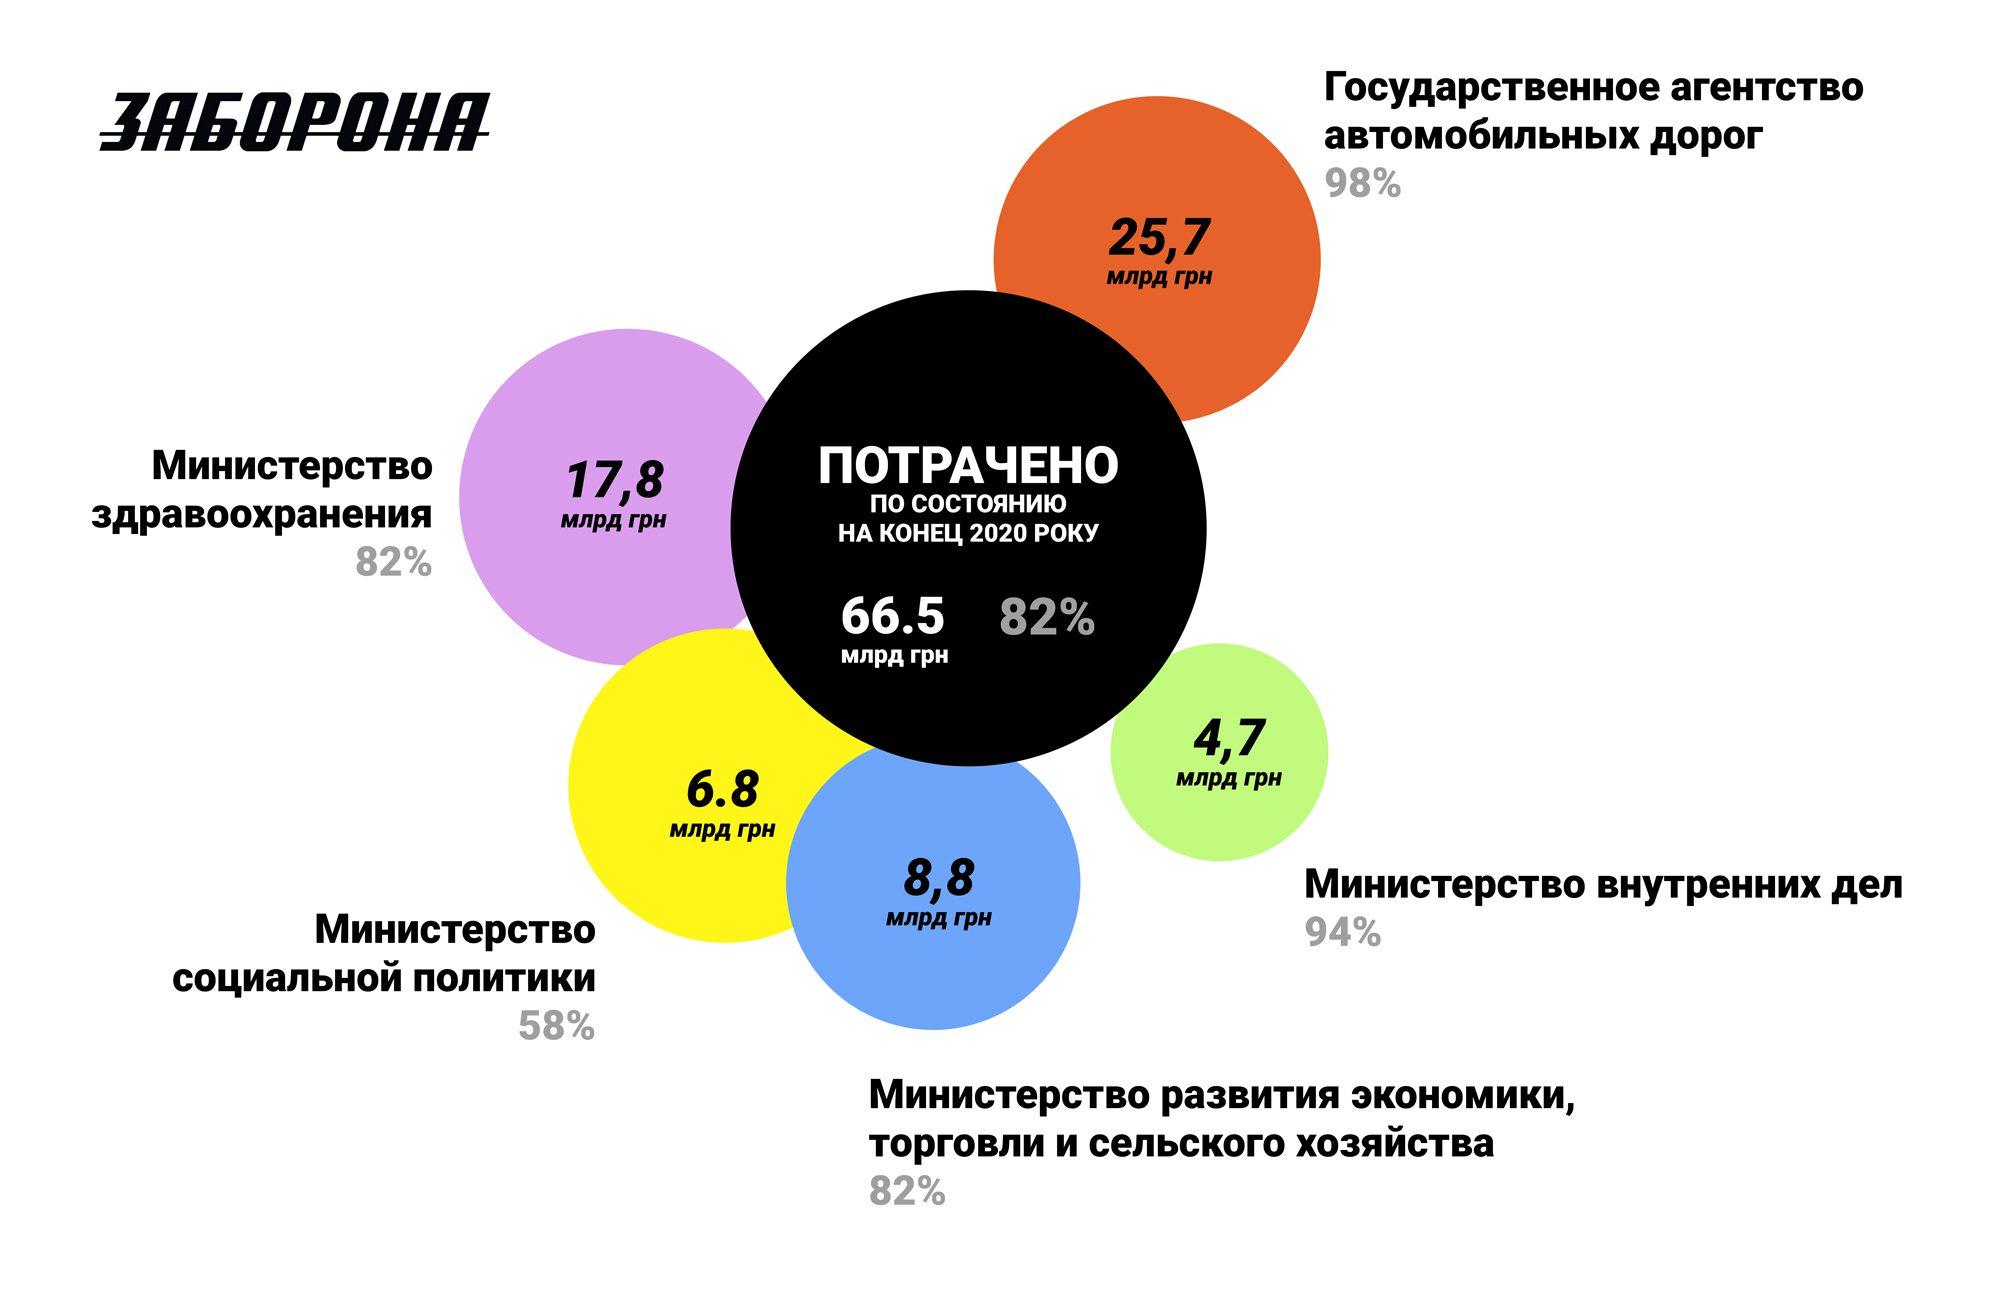 covid ukraine 69 - <b>COVID-фонд должен был спасти Украину от пандемии.</b> Но деньги освоили агентство дорог, МВД и другие ведомства — рассказываем, почему так произошло - Заборона